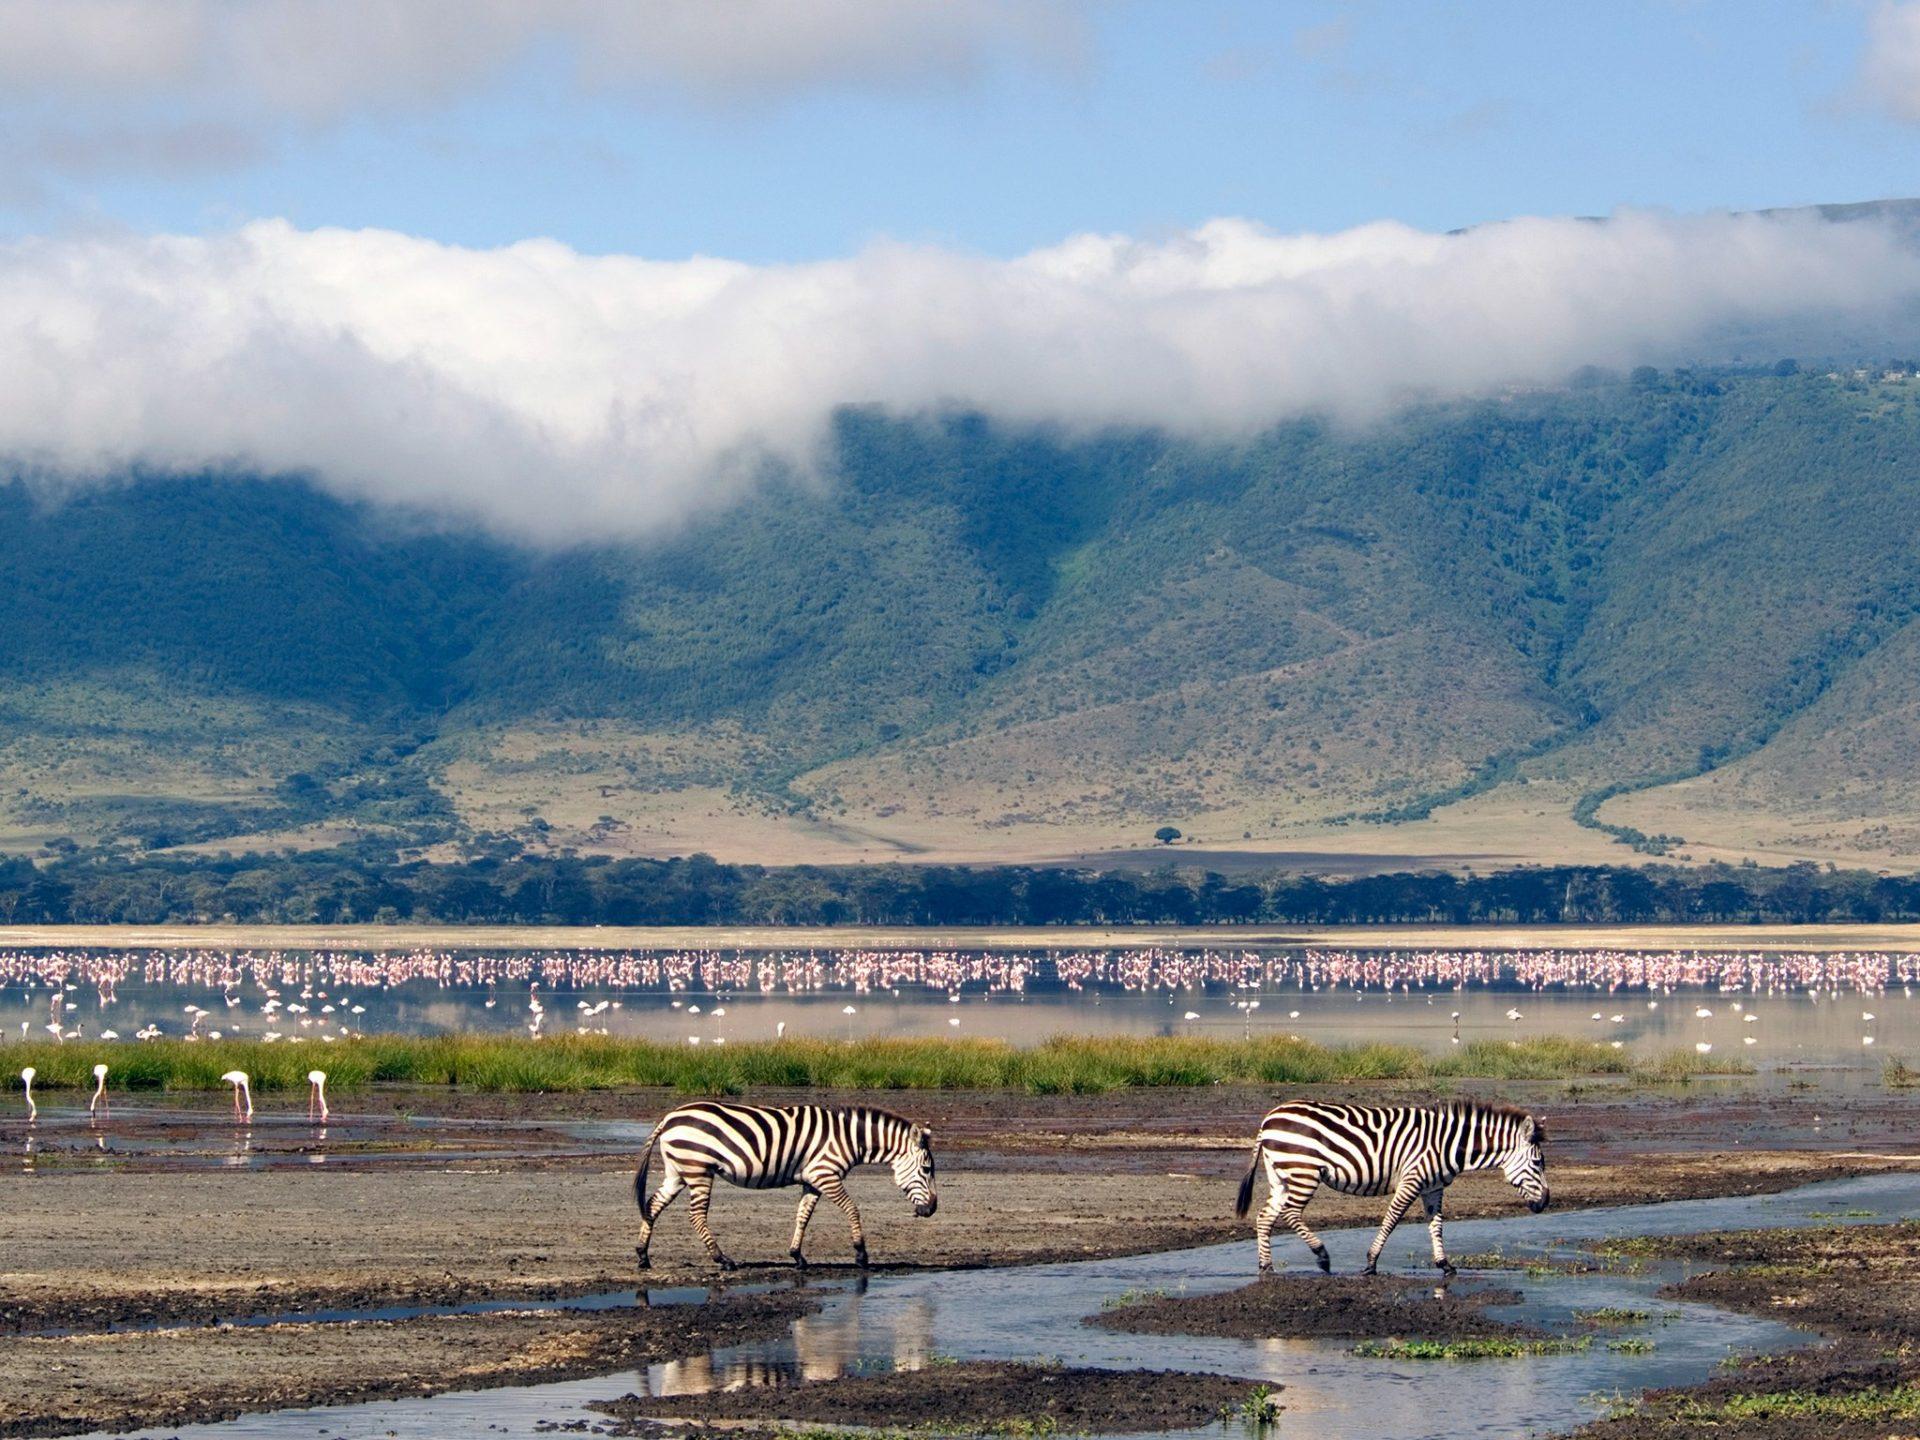 9. Кратер Нгоронгоро, Танзания.